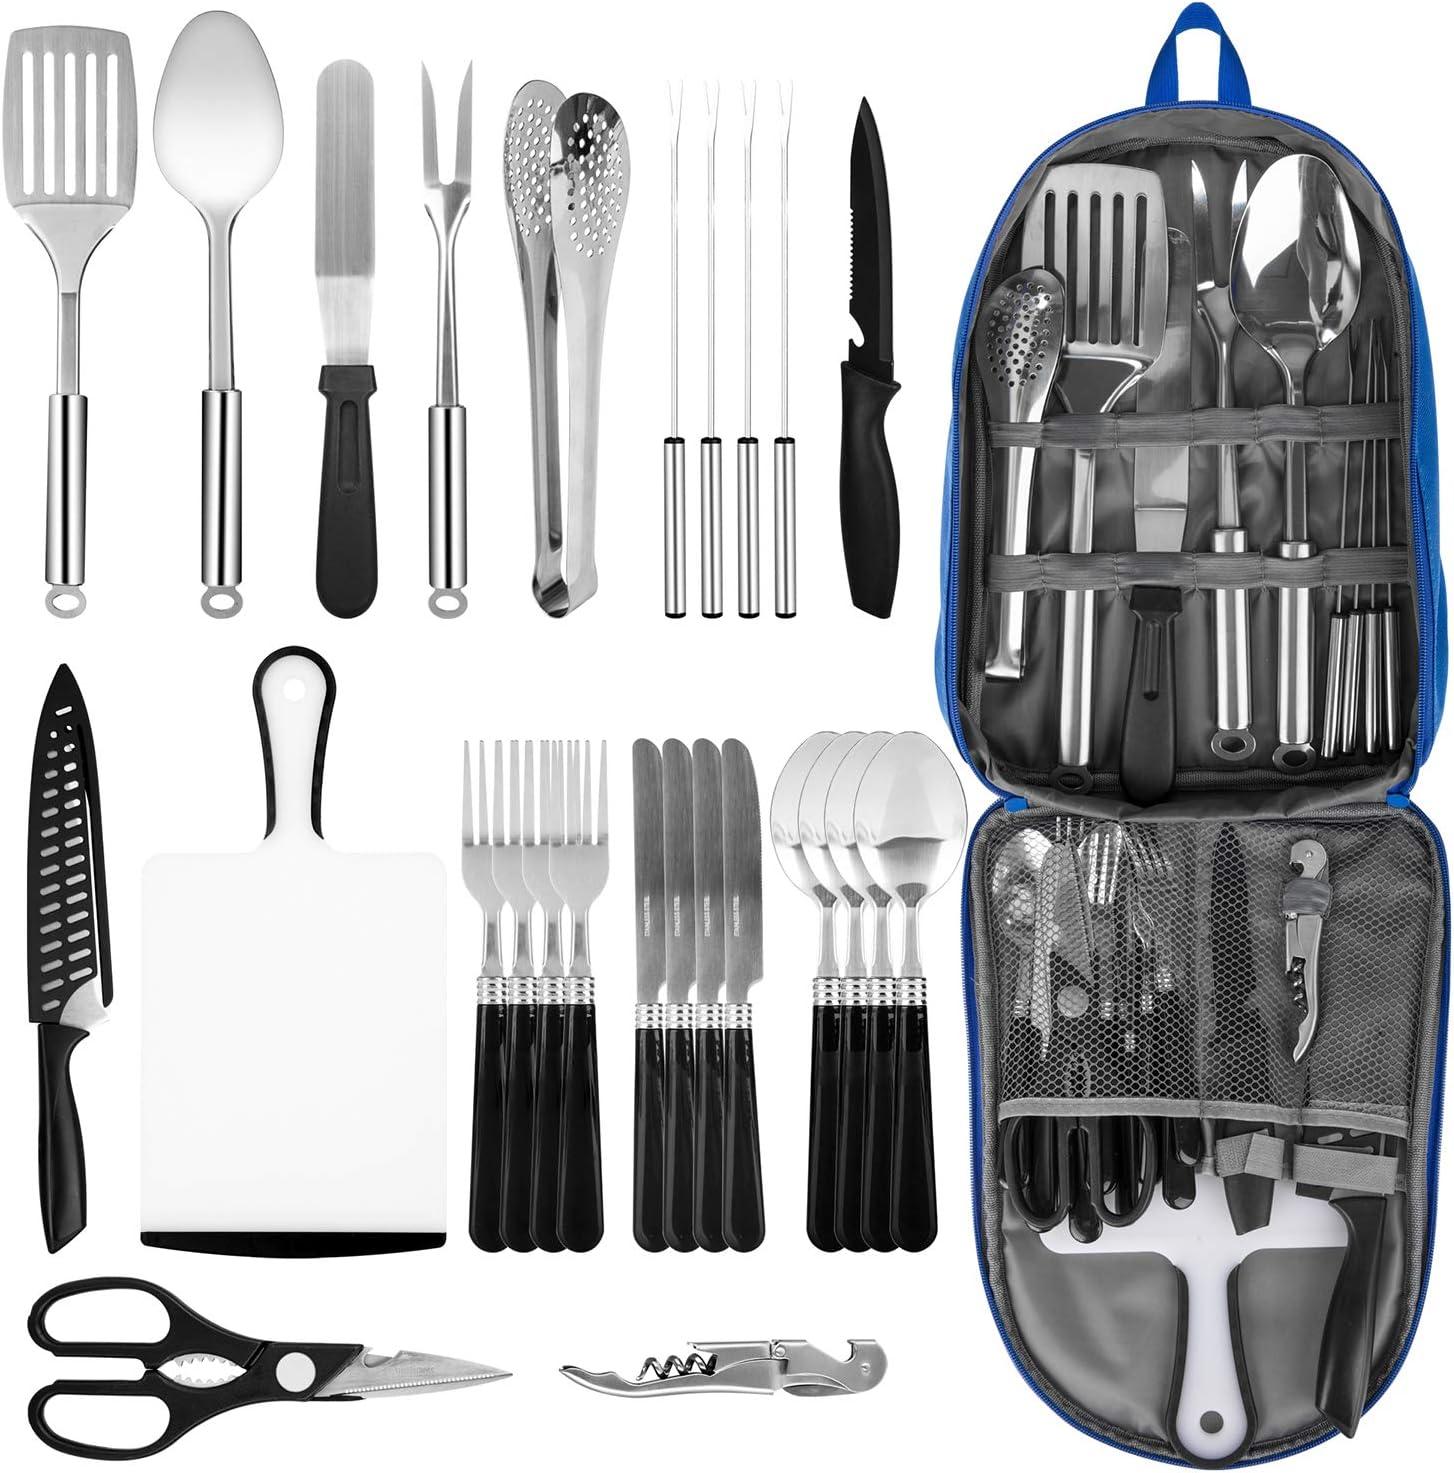 Juego de utensilios de cocina de camping portátil, 27 piezas, acero inoxidable, organizador de utensilios de cocina y parrilla, ideal para viajes, ...